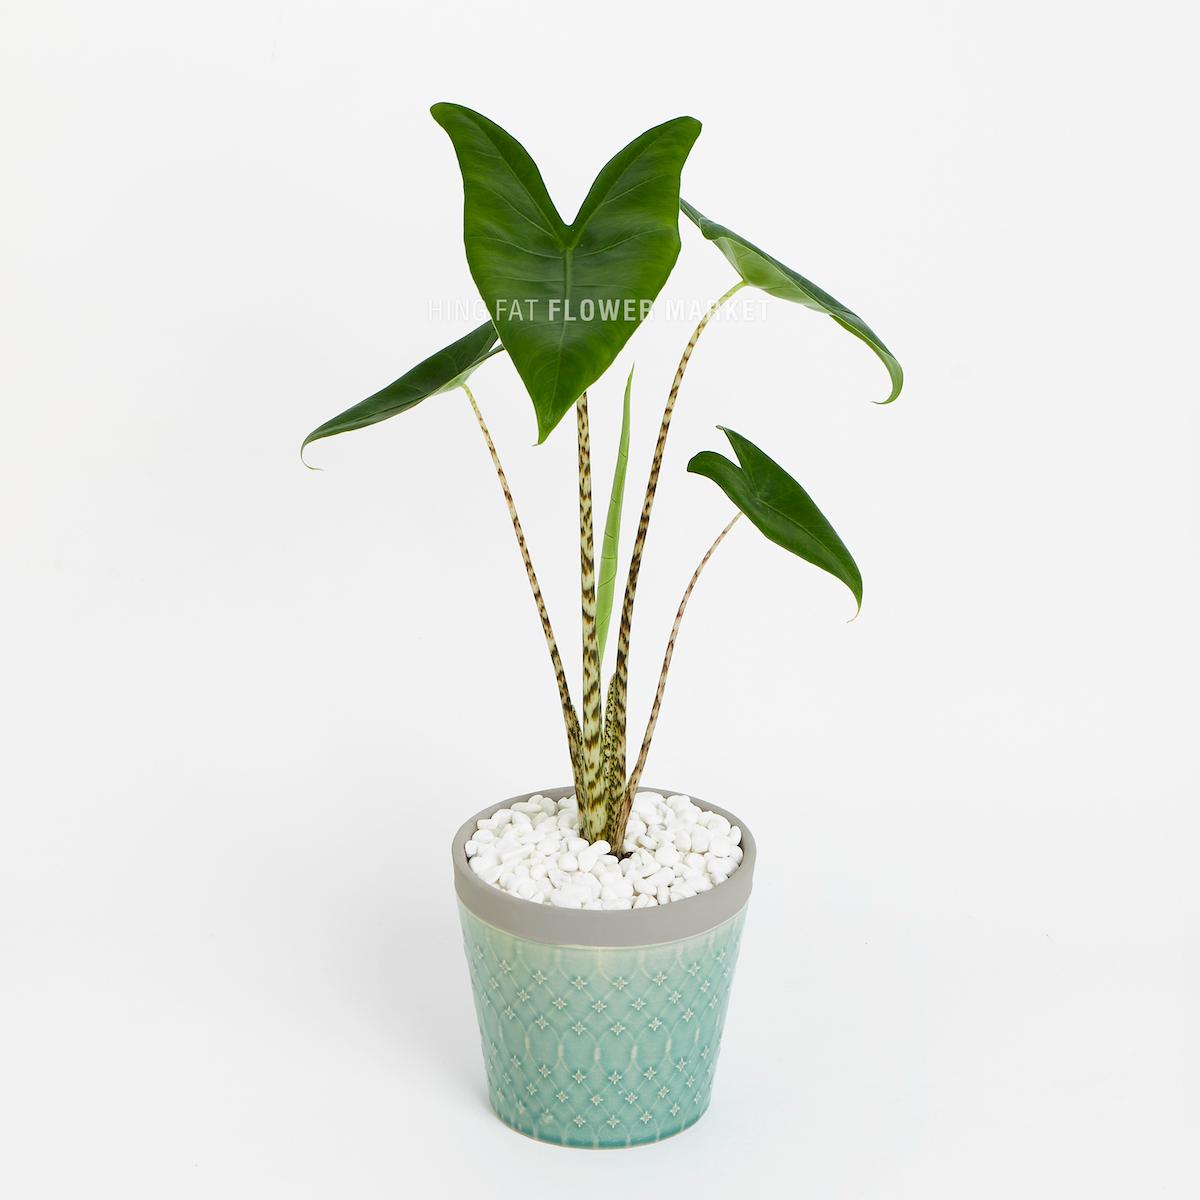 斑馬觀音蓮盆栽